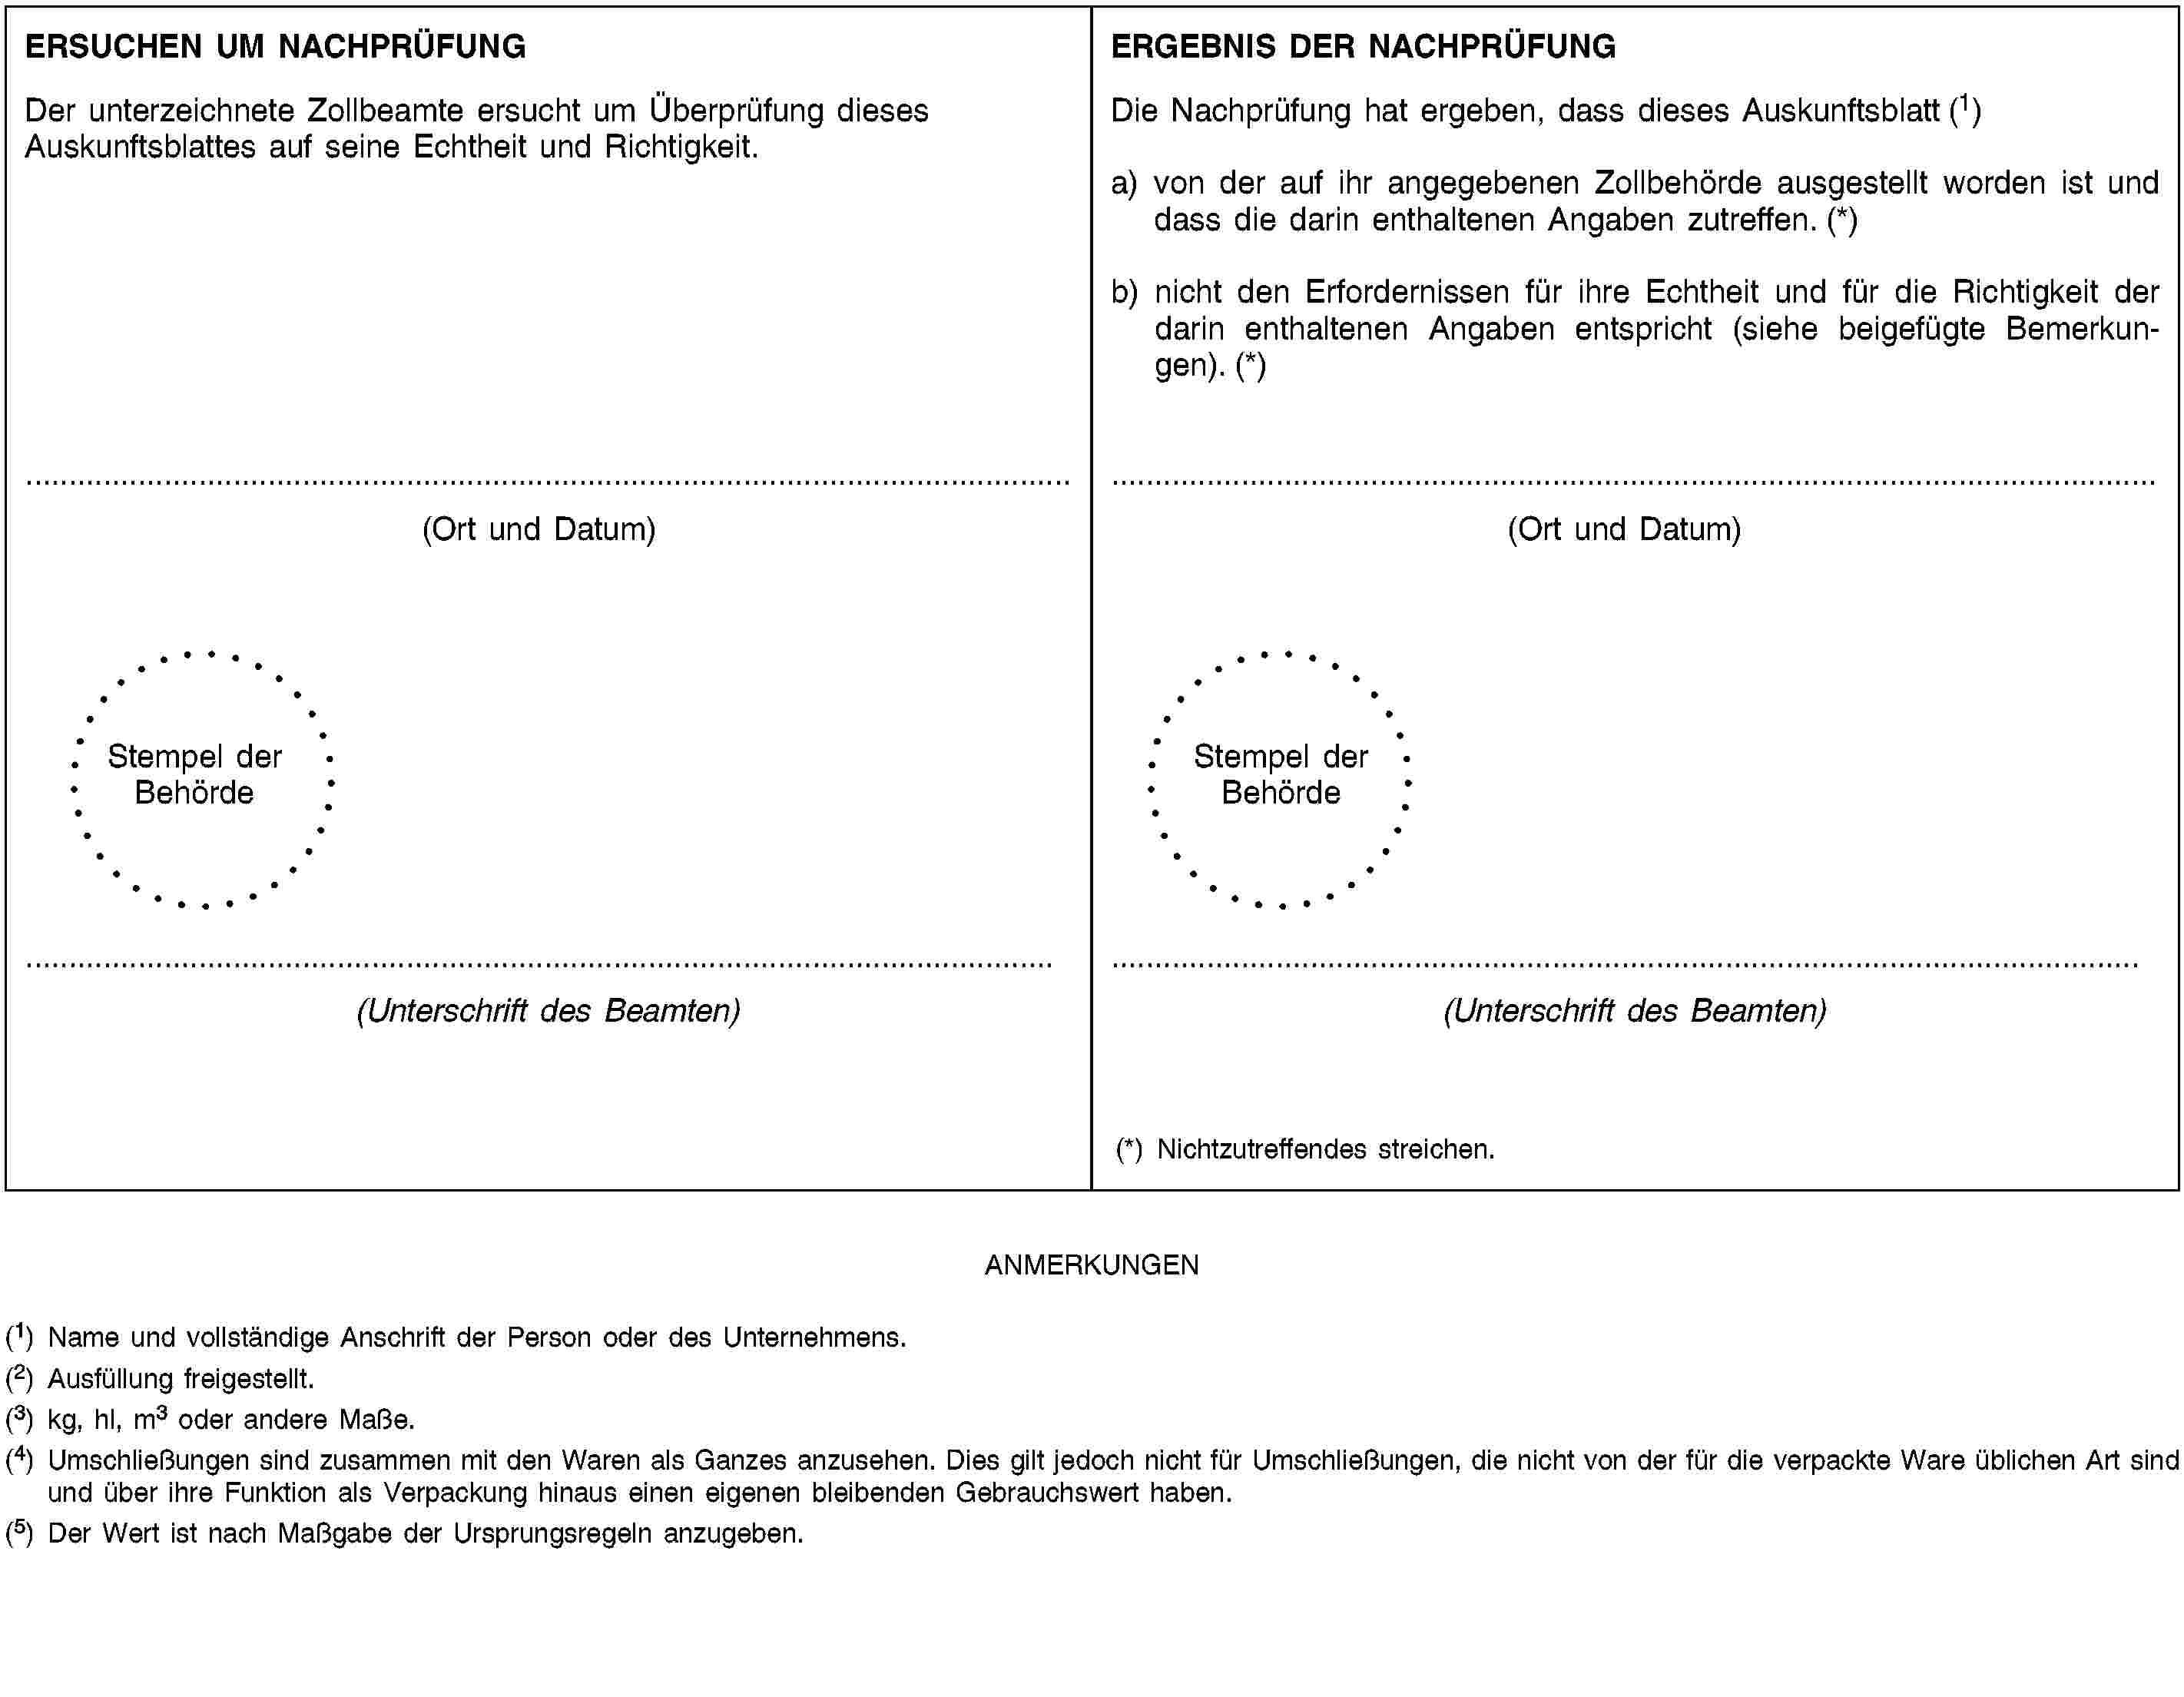 EUR-Lex - 02013D0755-20140101 - EN - EUR-Lex